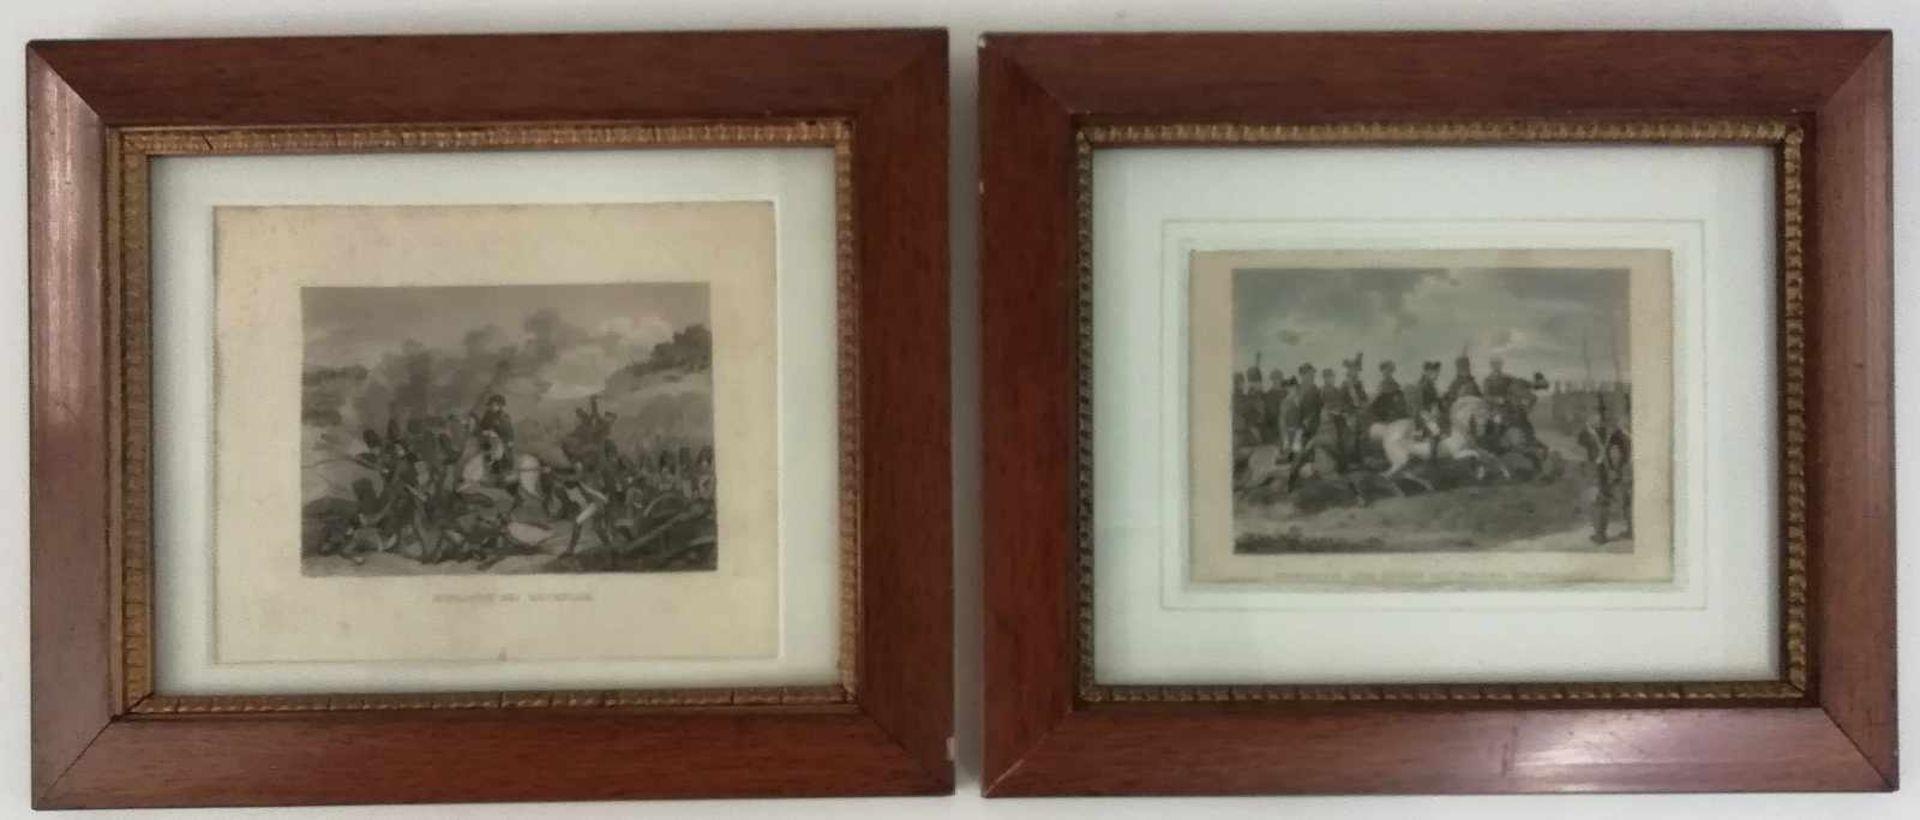 2 Sticheu.a. coloriert, Friedrich der Grosse mit seinem Generalstab, Schlacht bei Waterloo, in der